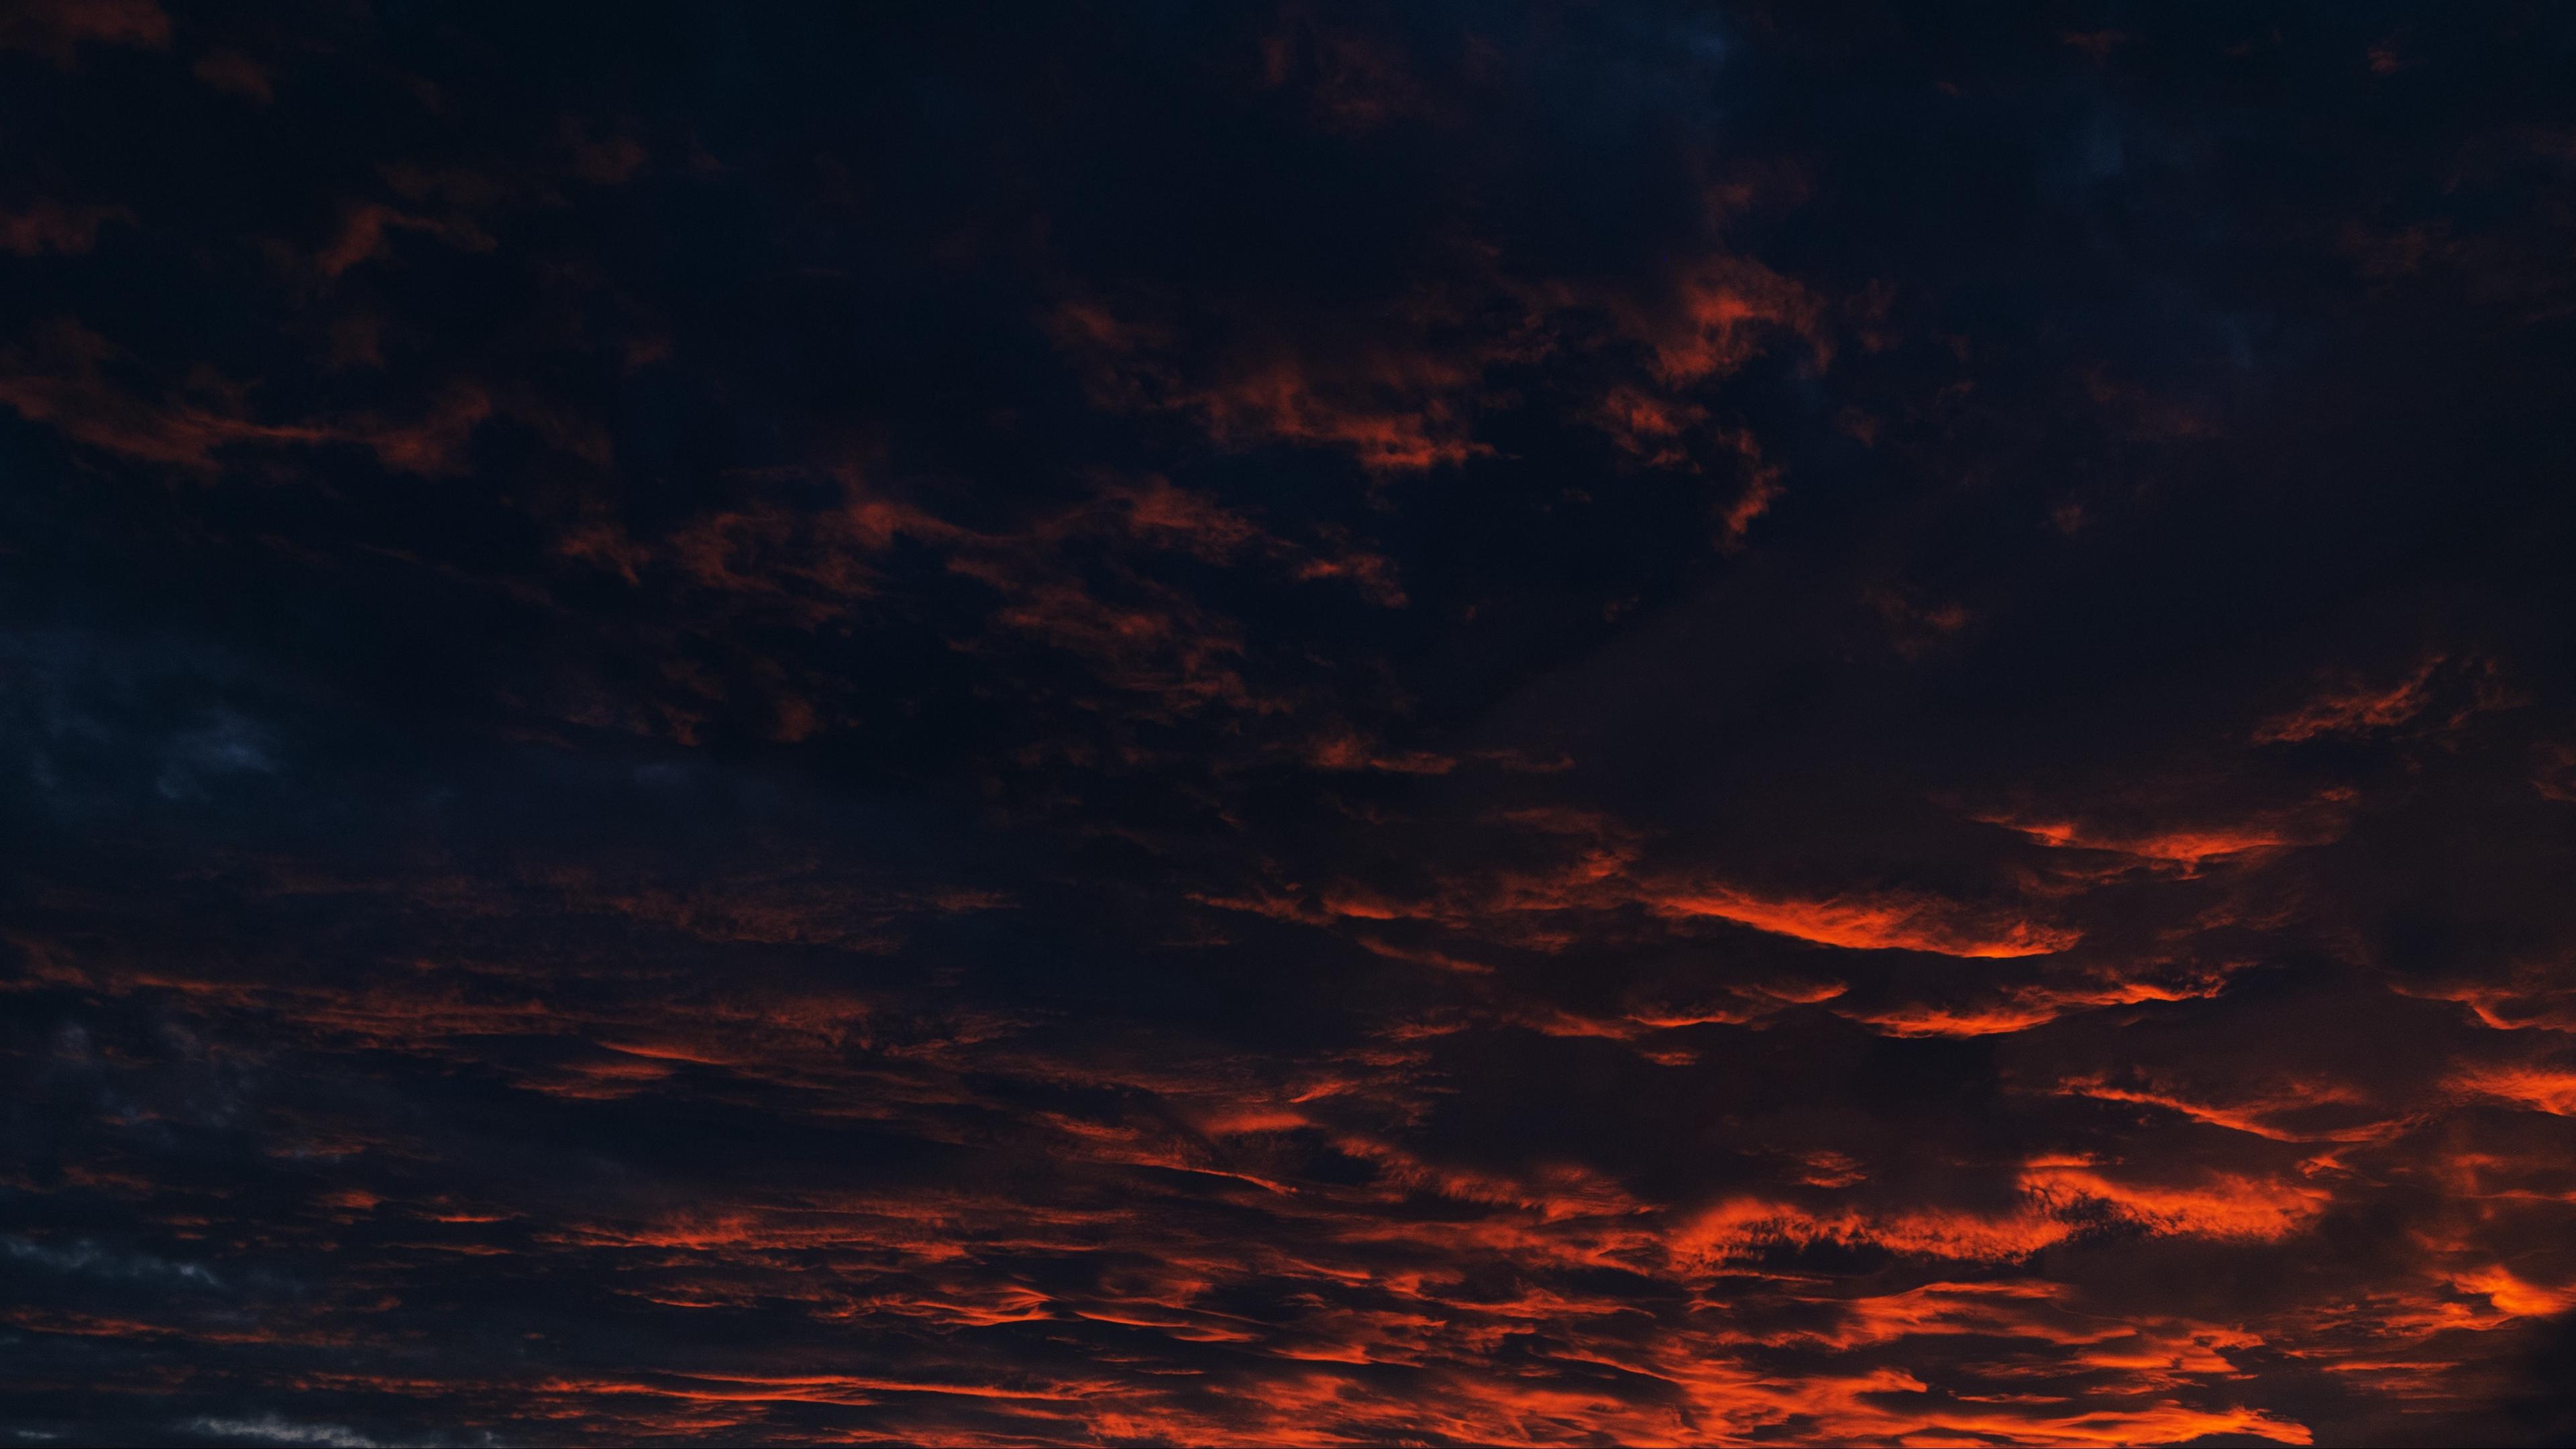 clouds sunset night 4k 1540575577 - clouds, sunset, night 4k - sunset, Night, Clouds